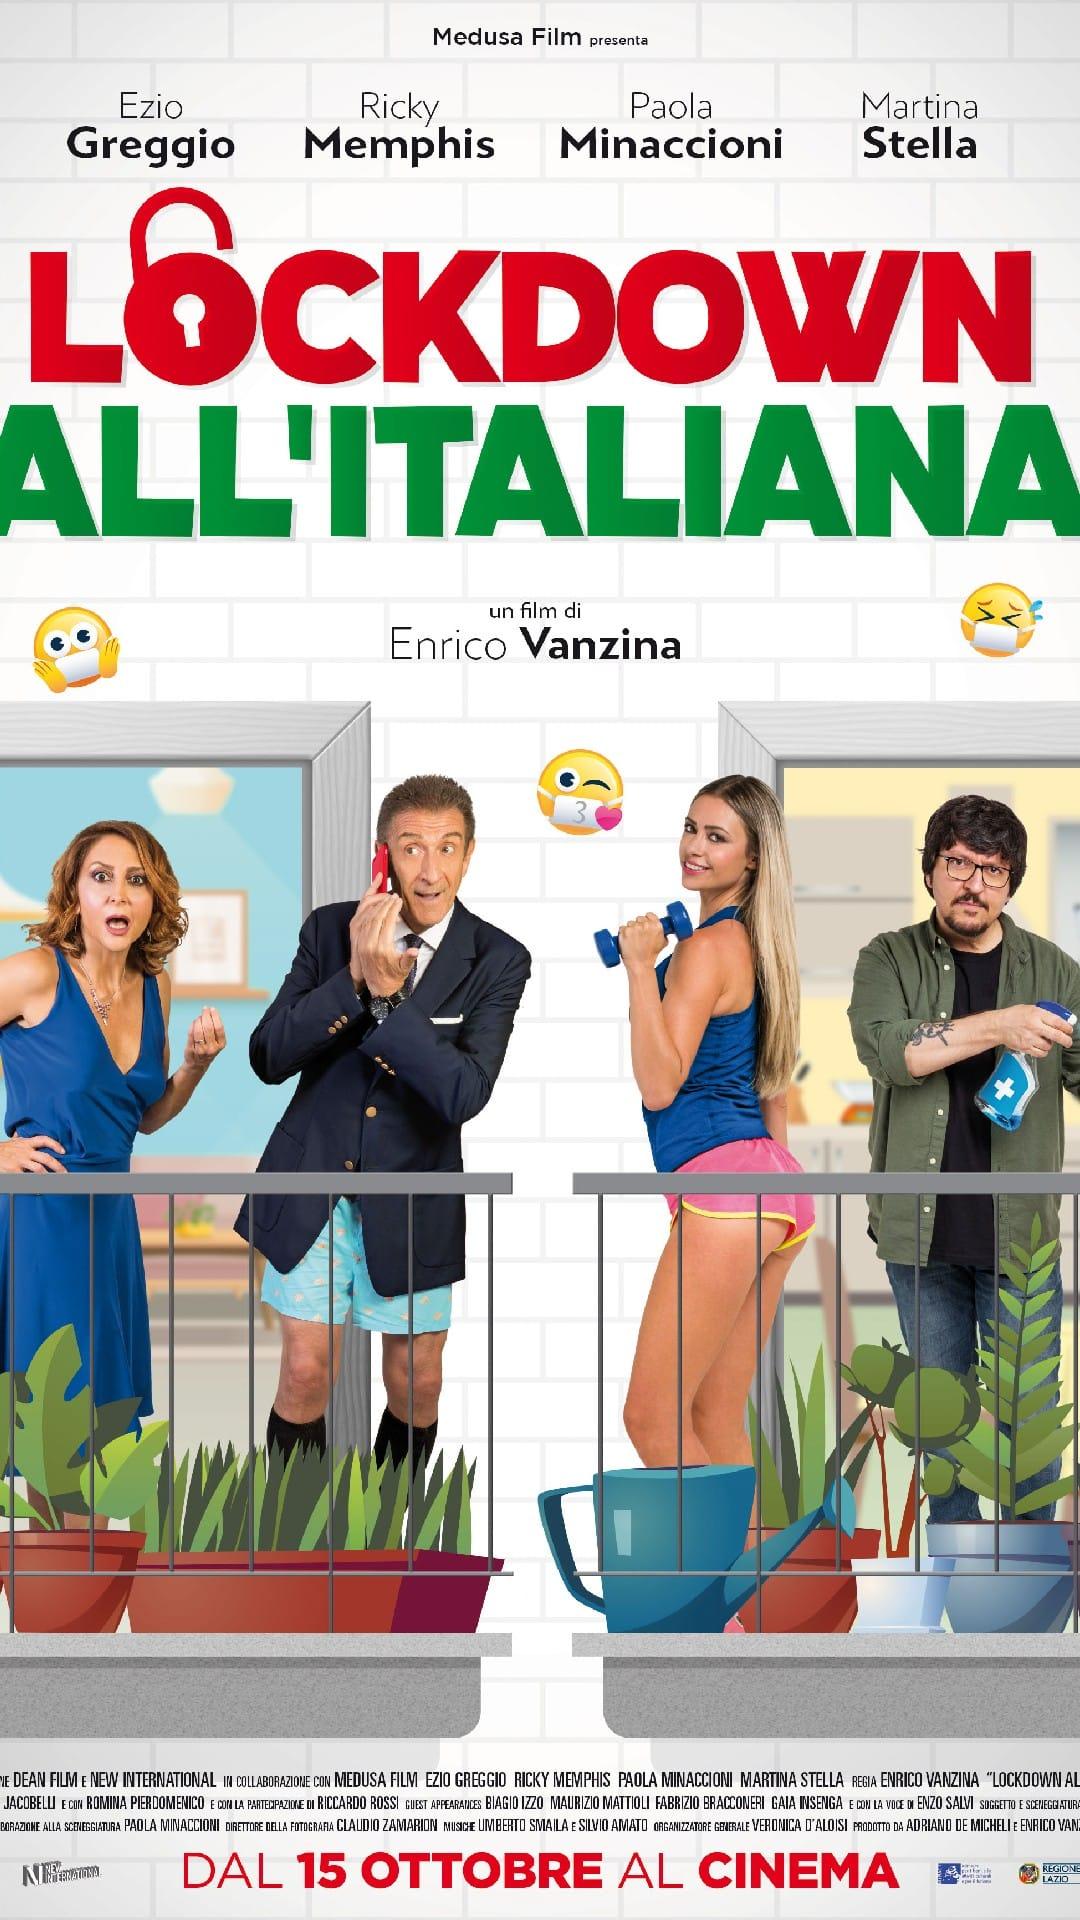 Lockdown all'Italiana: Locandina